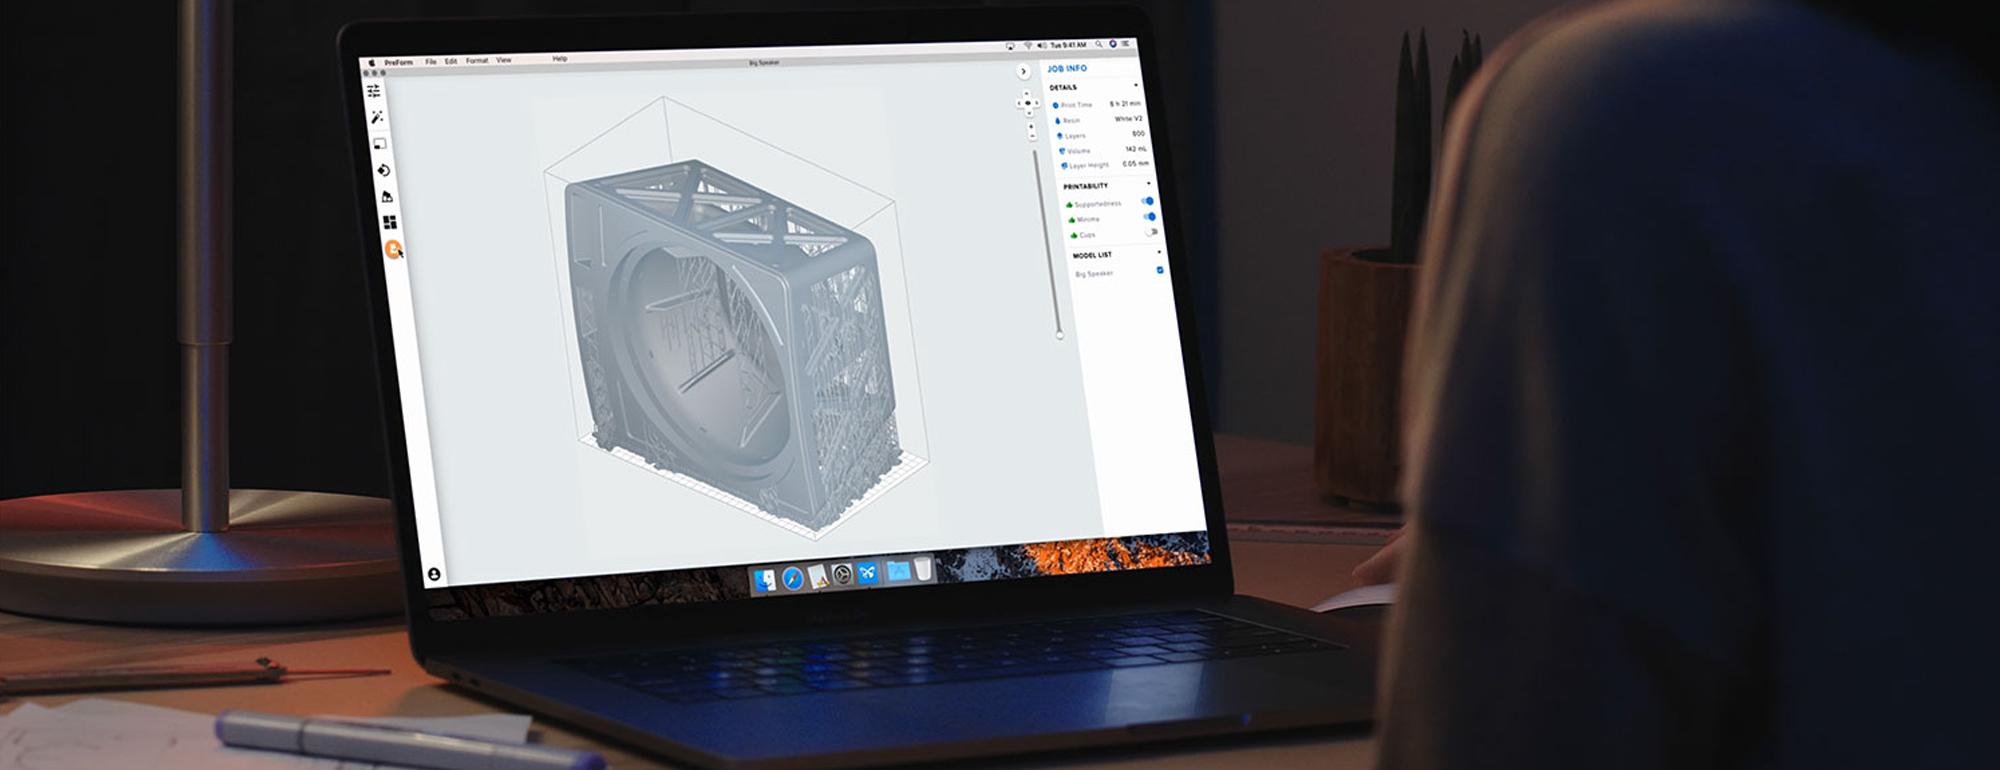 Formlabs 3D Software Preform